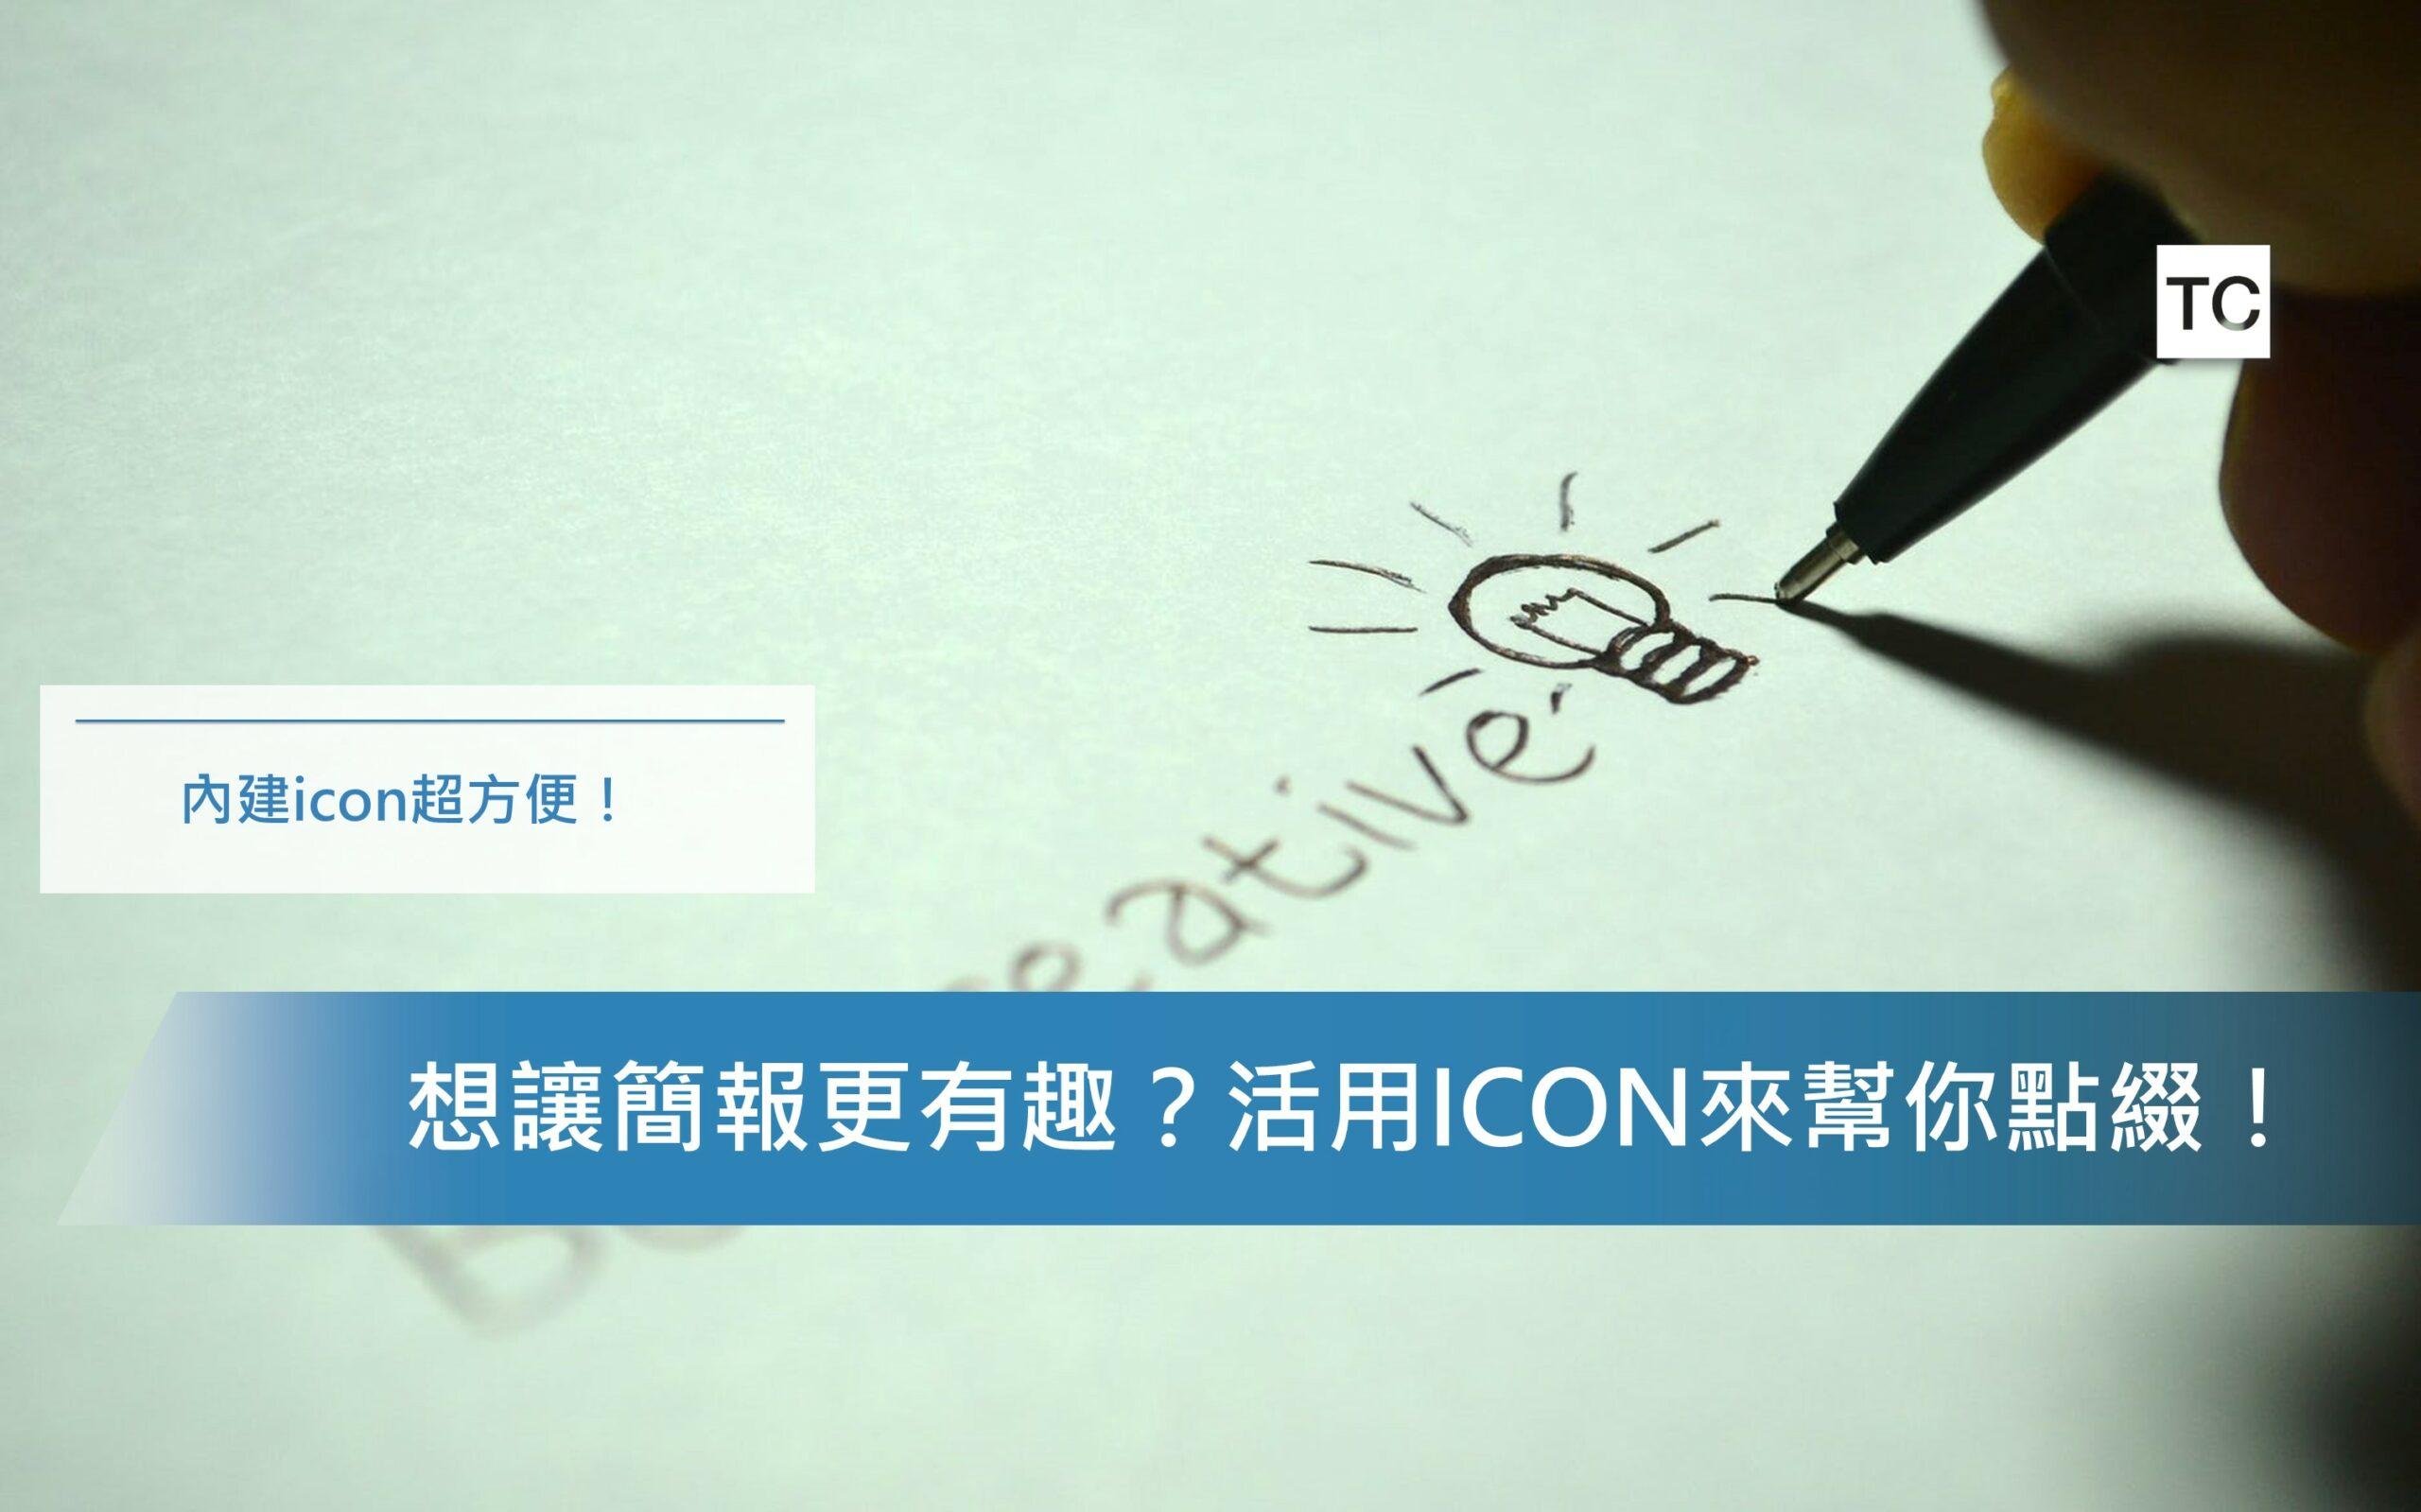 PPT教學|使用PPT ICON來增加簡報質感!附贈免費ICON網站!